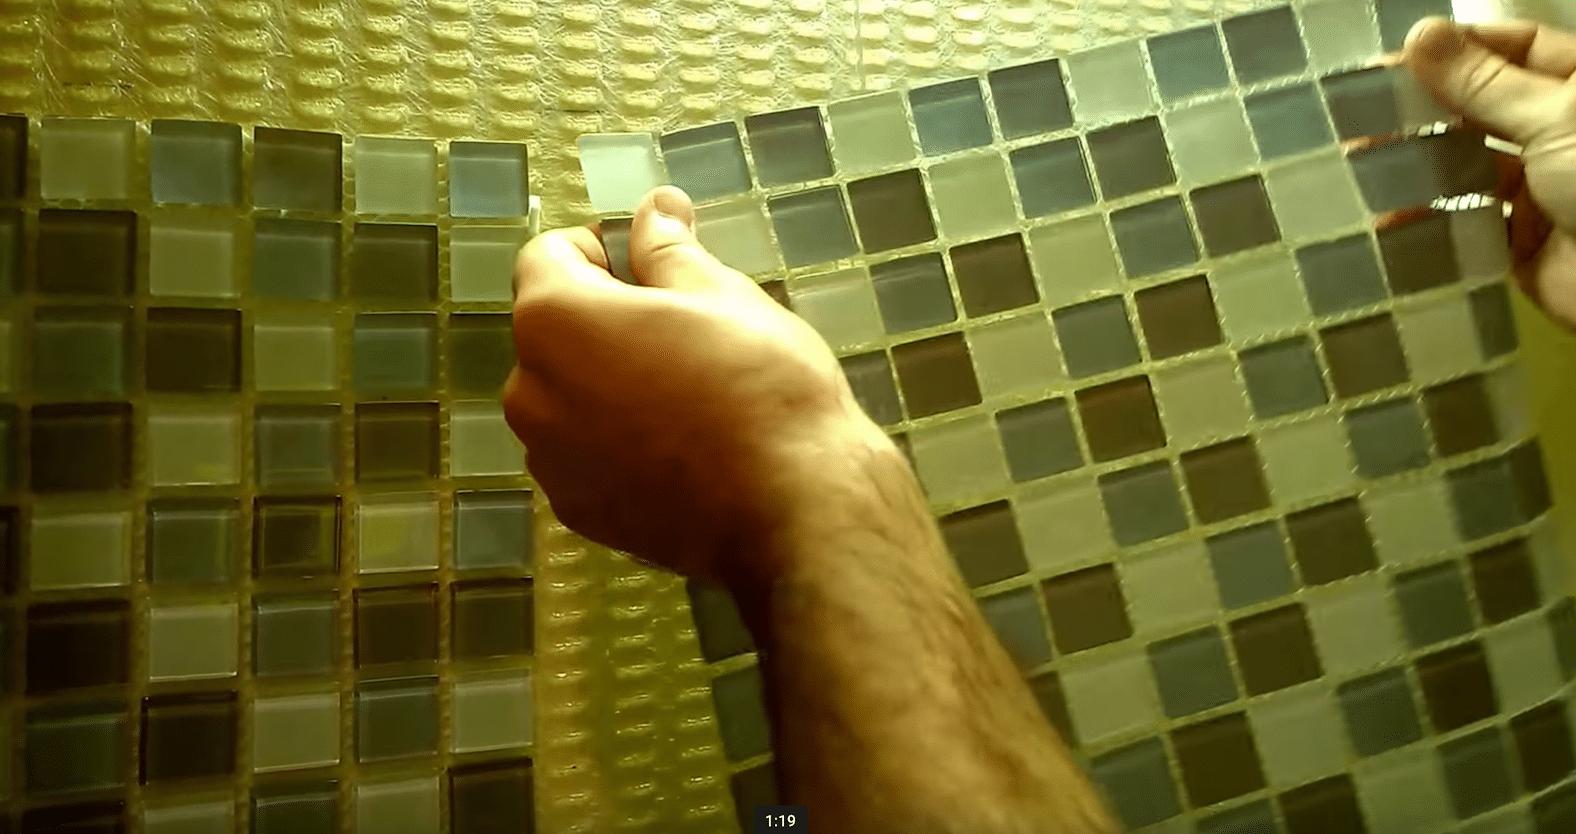 backsplash-kitchen-tile